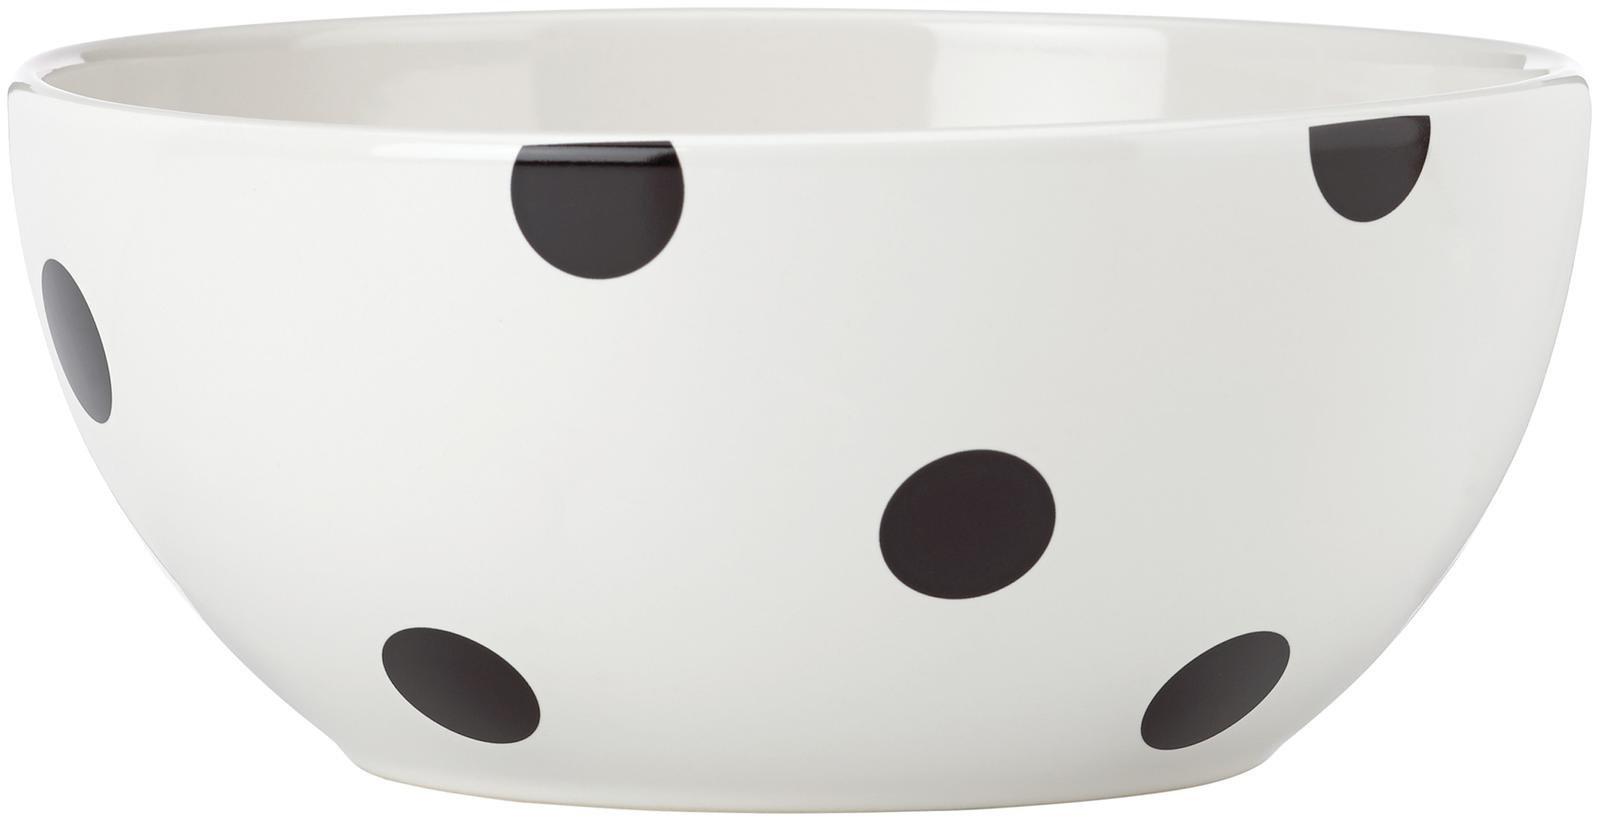 kate spade new york All in Good Taste Deco Dot Dinnerware Serving Bowl - White - 8''